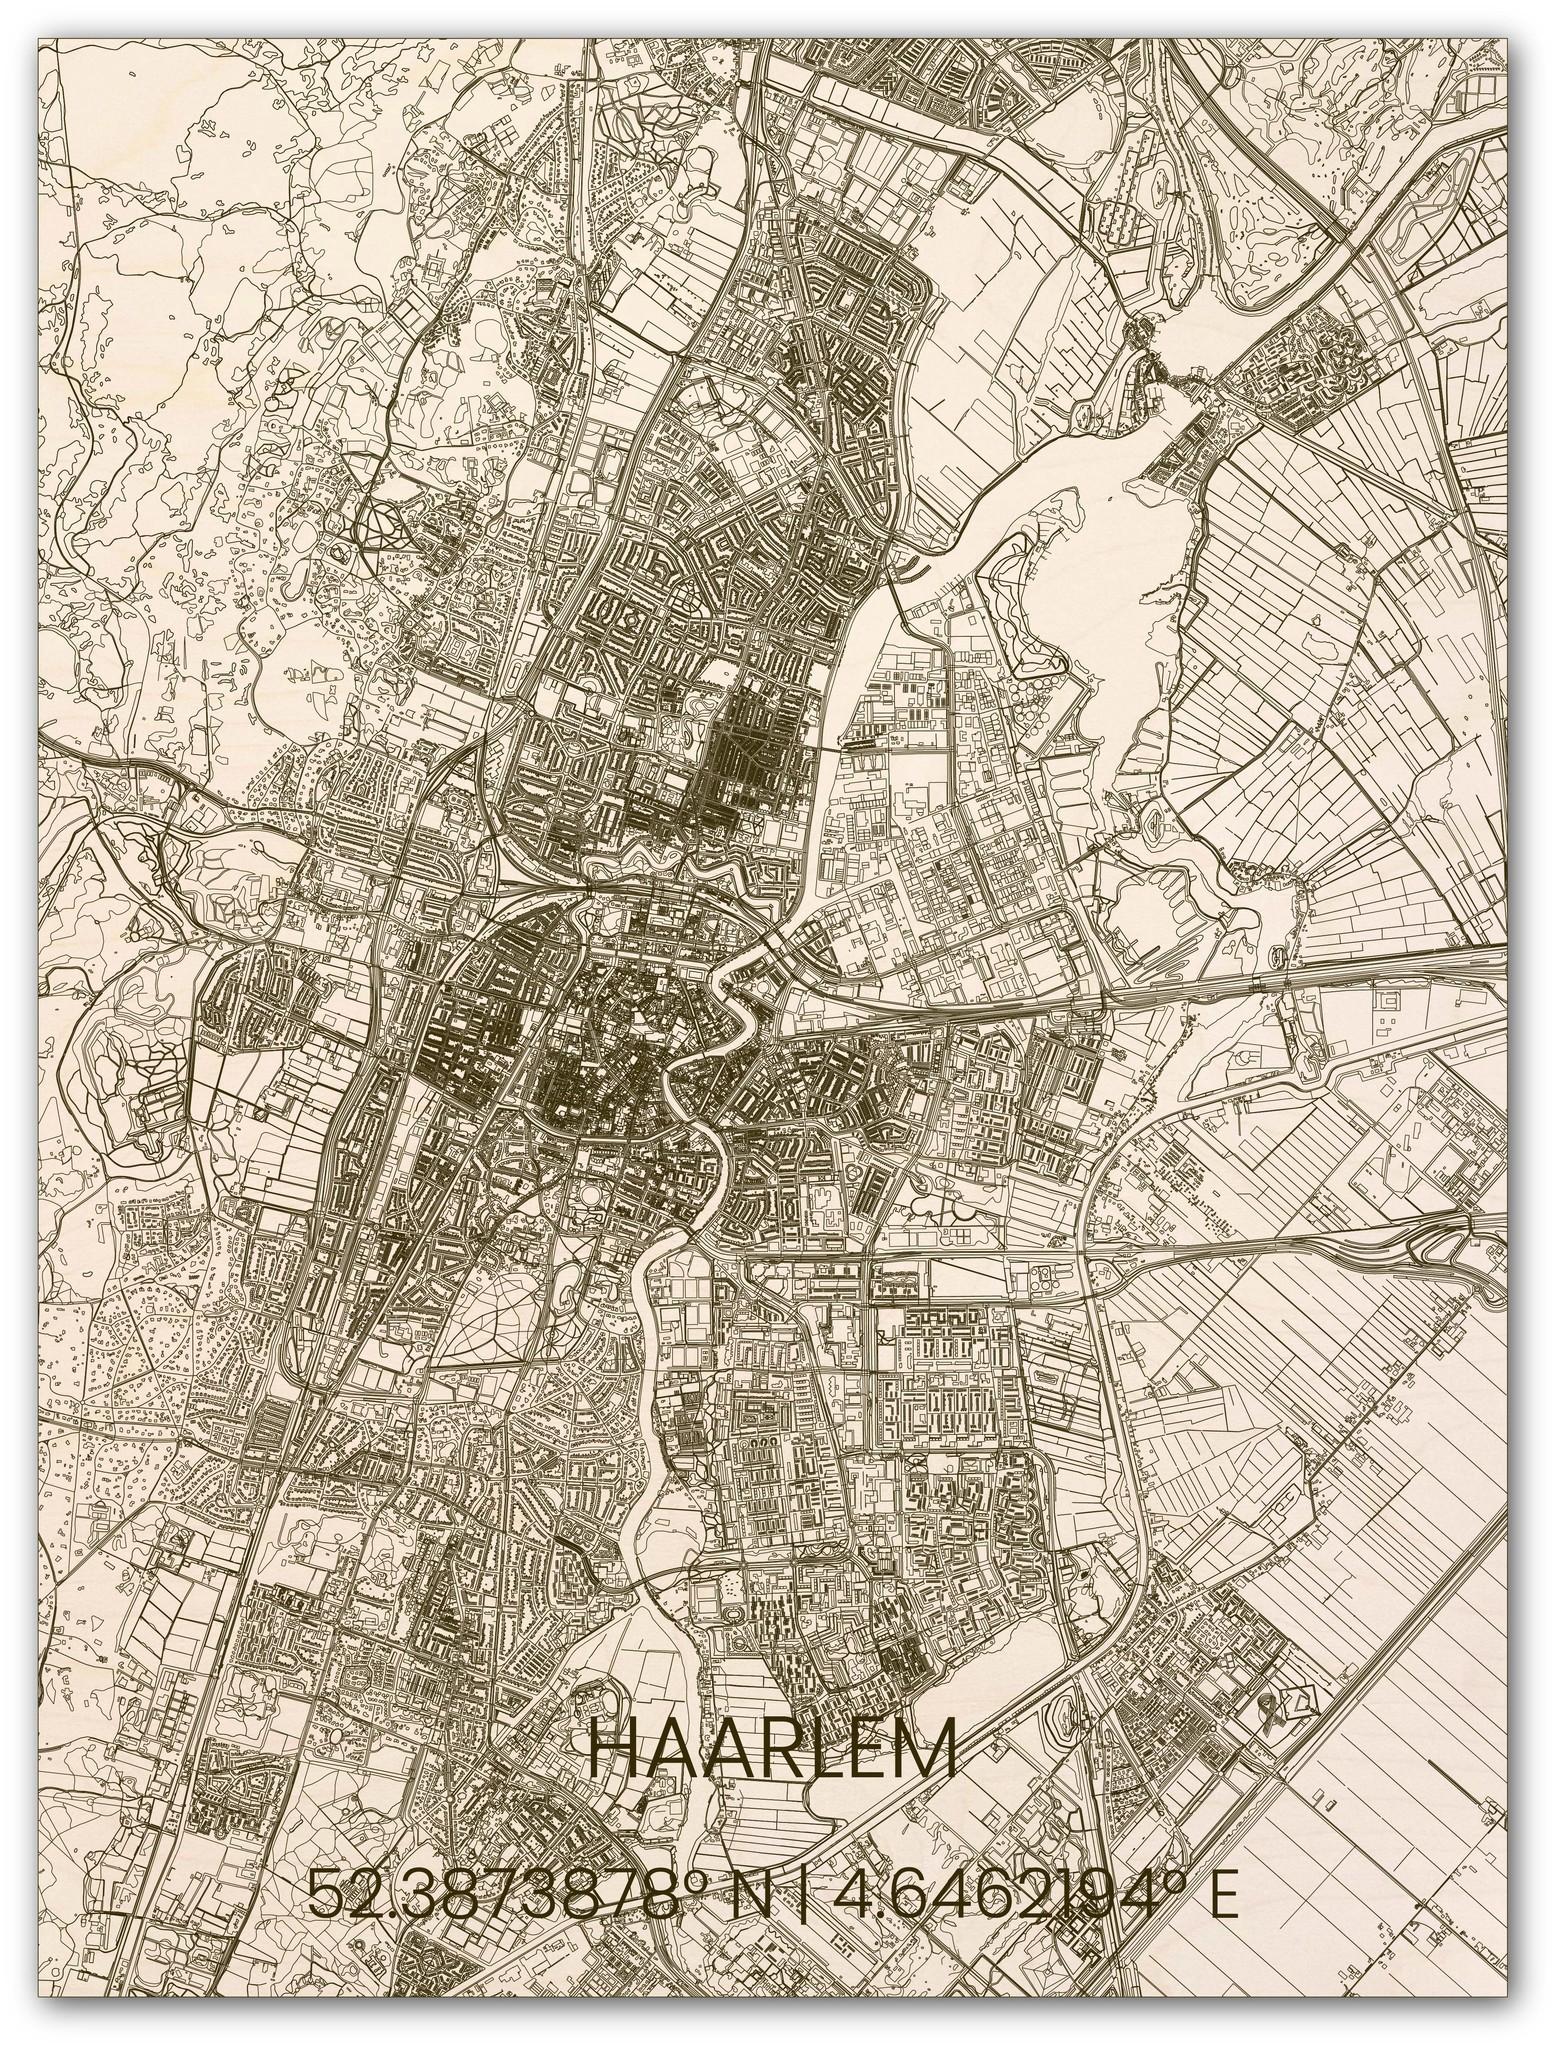 Houten stadsplattegrond Haarlem-1